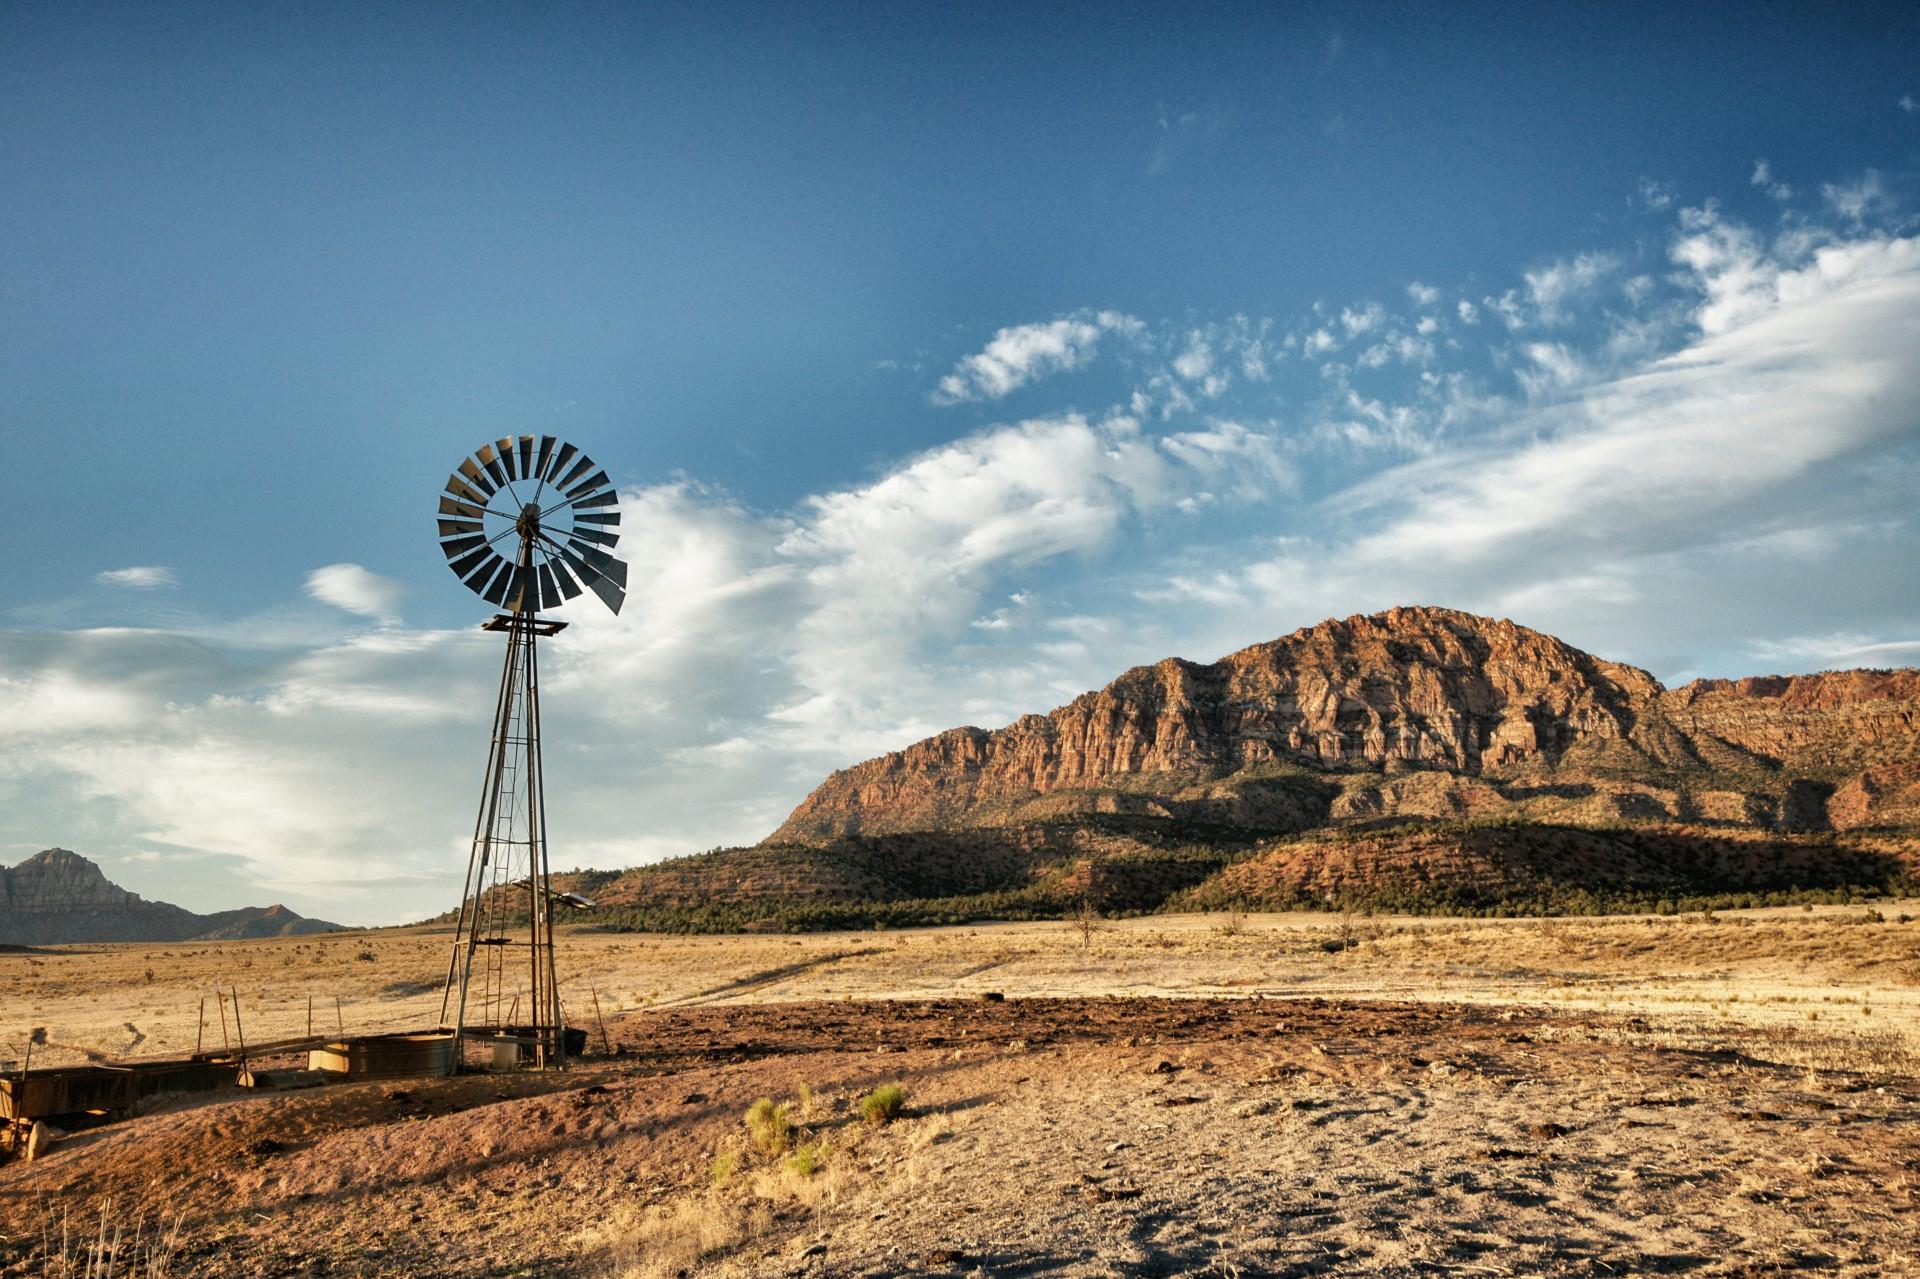 windmill-over-desert-ranch (1).jpg